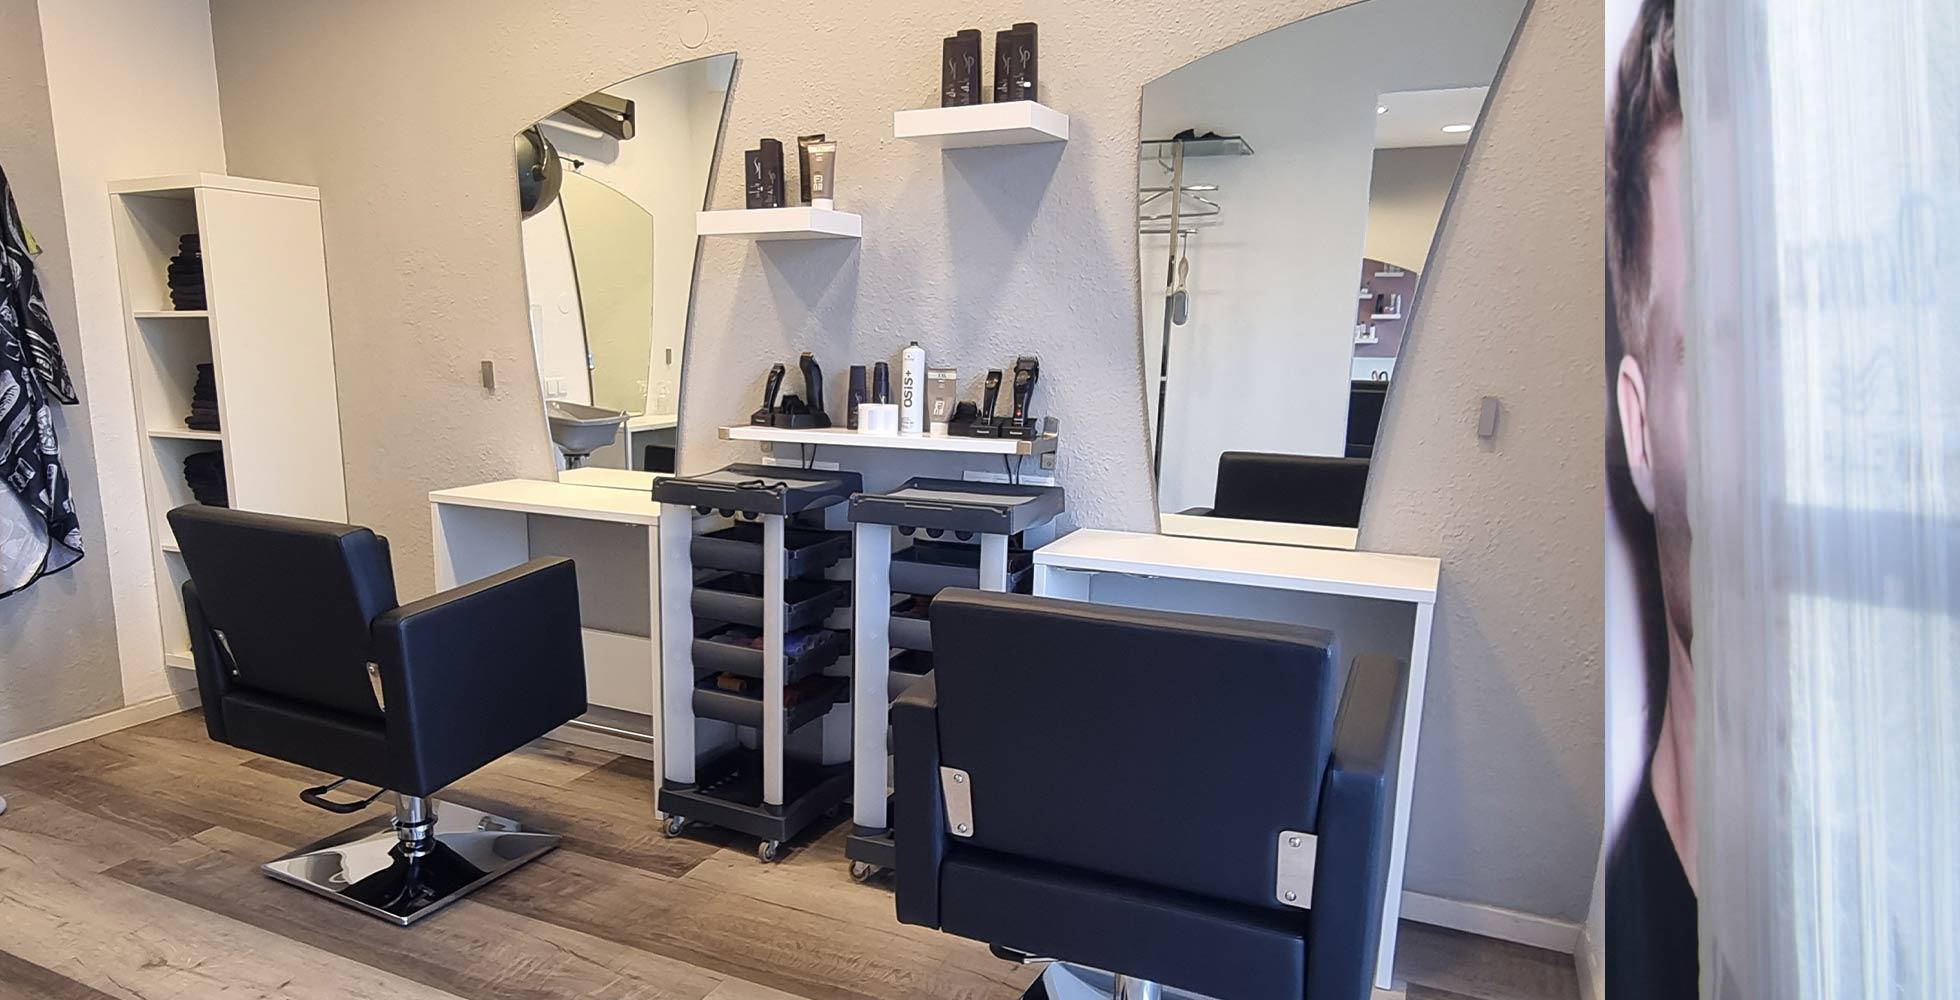 Friseur für Damen und Herren in Salzburg Nonntal - Friseur Carina